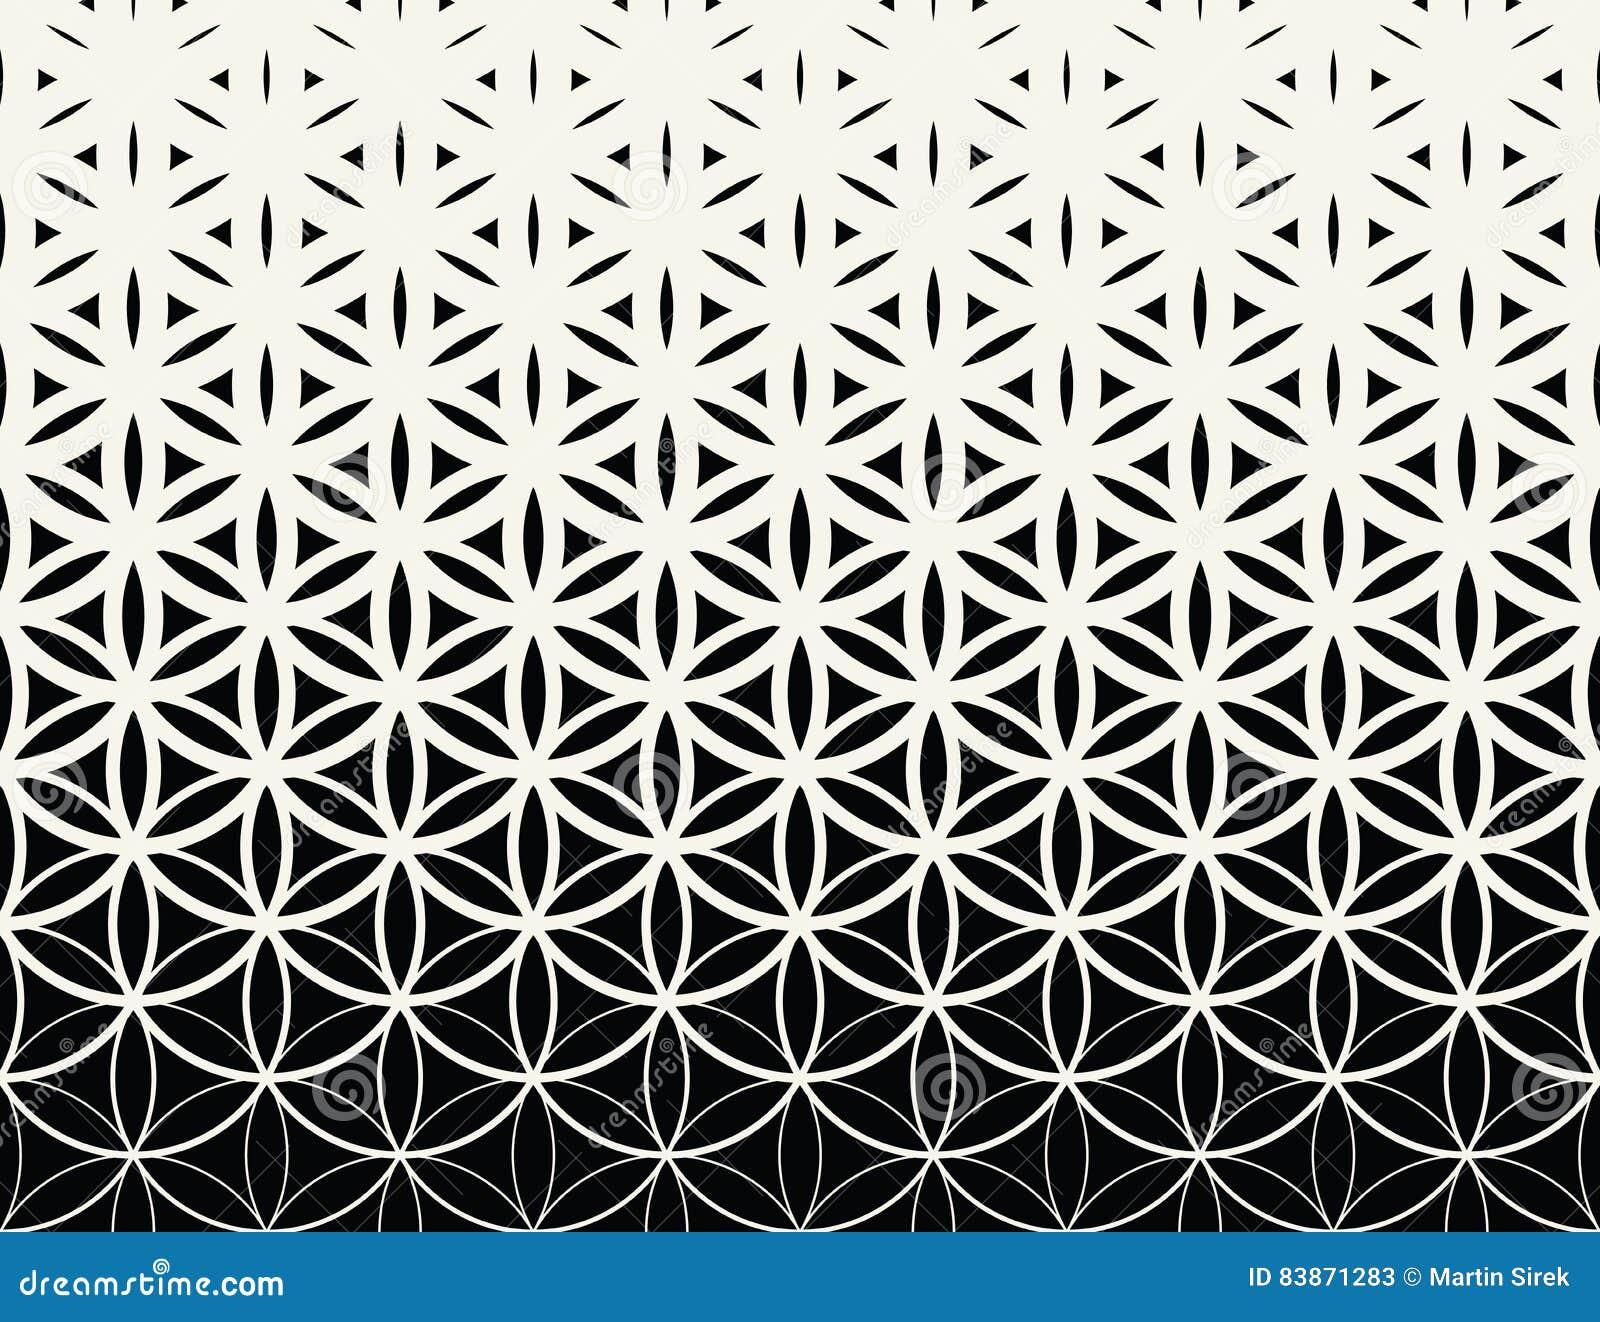 抽象神圣的生活中间影调样式几何黑白梯度花